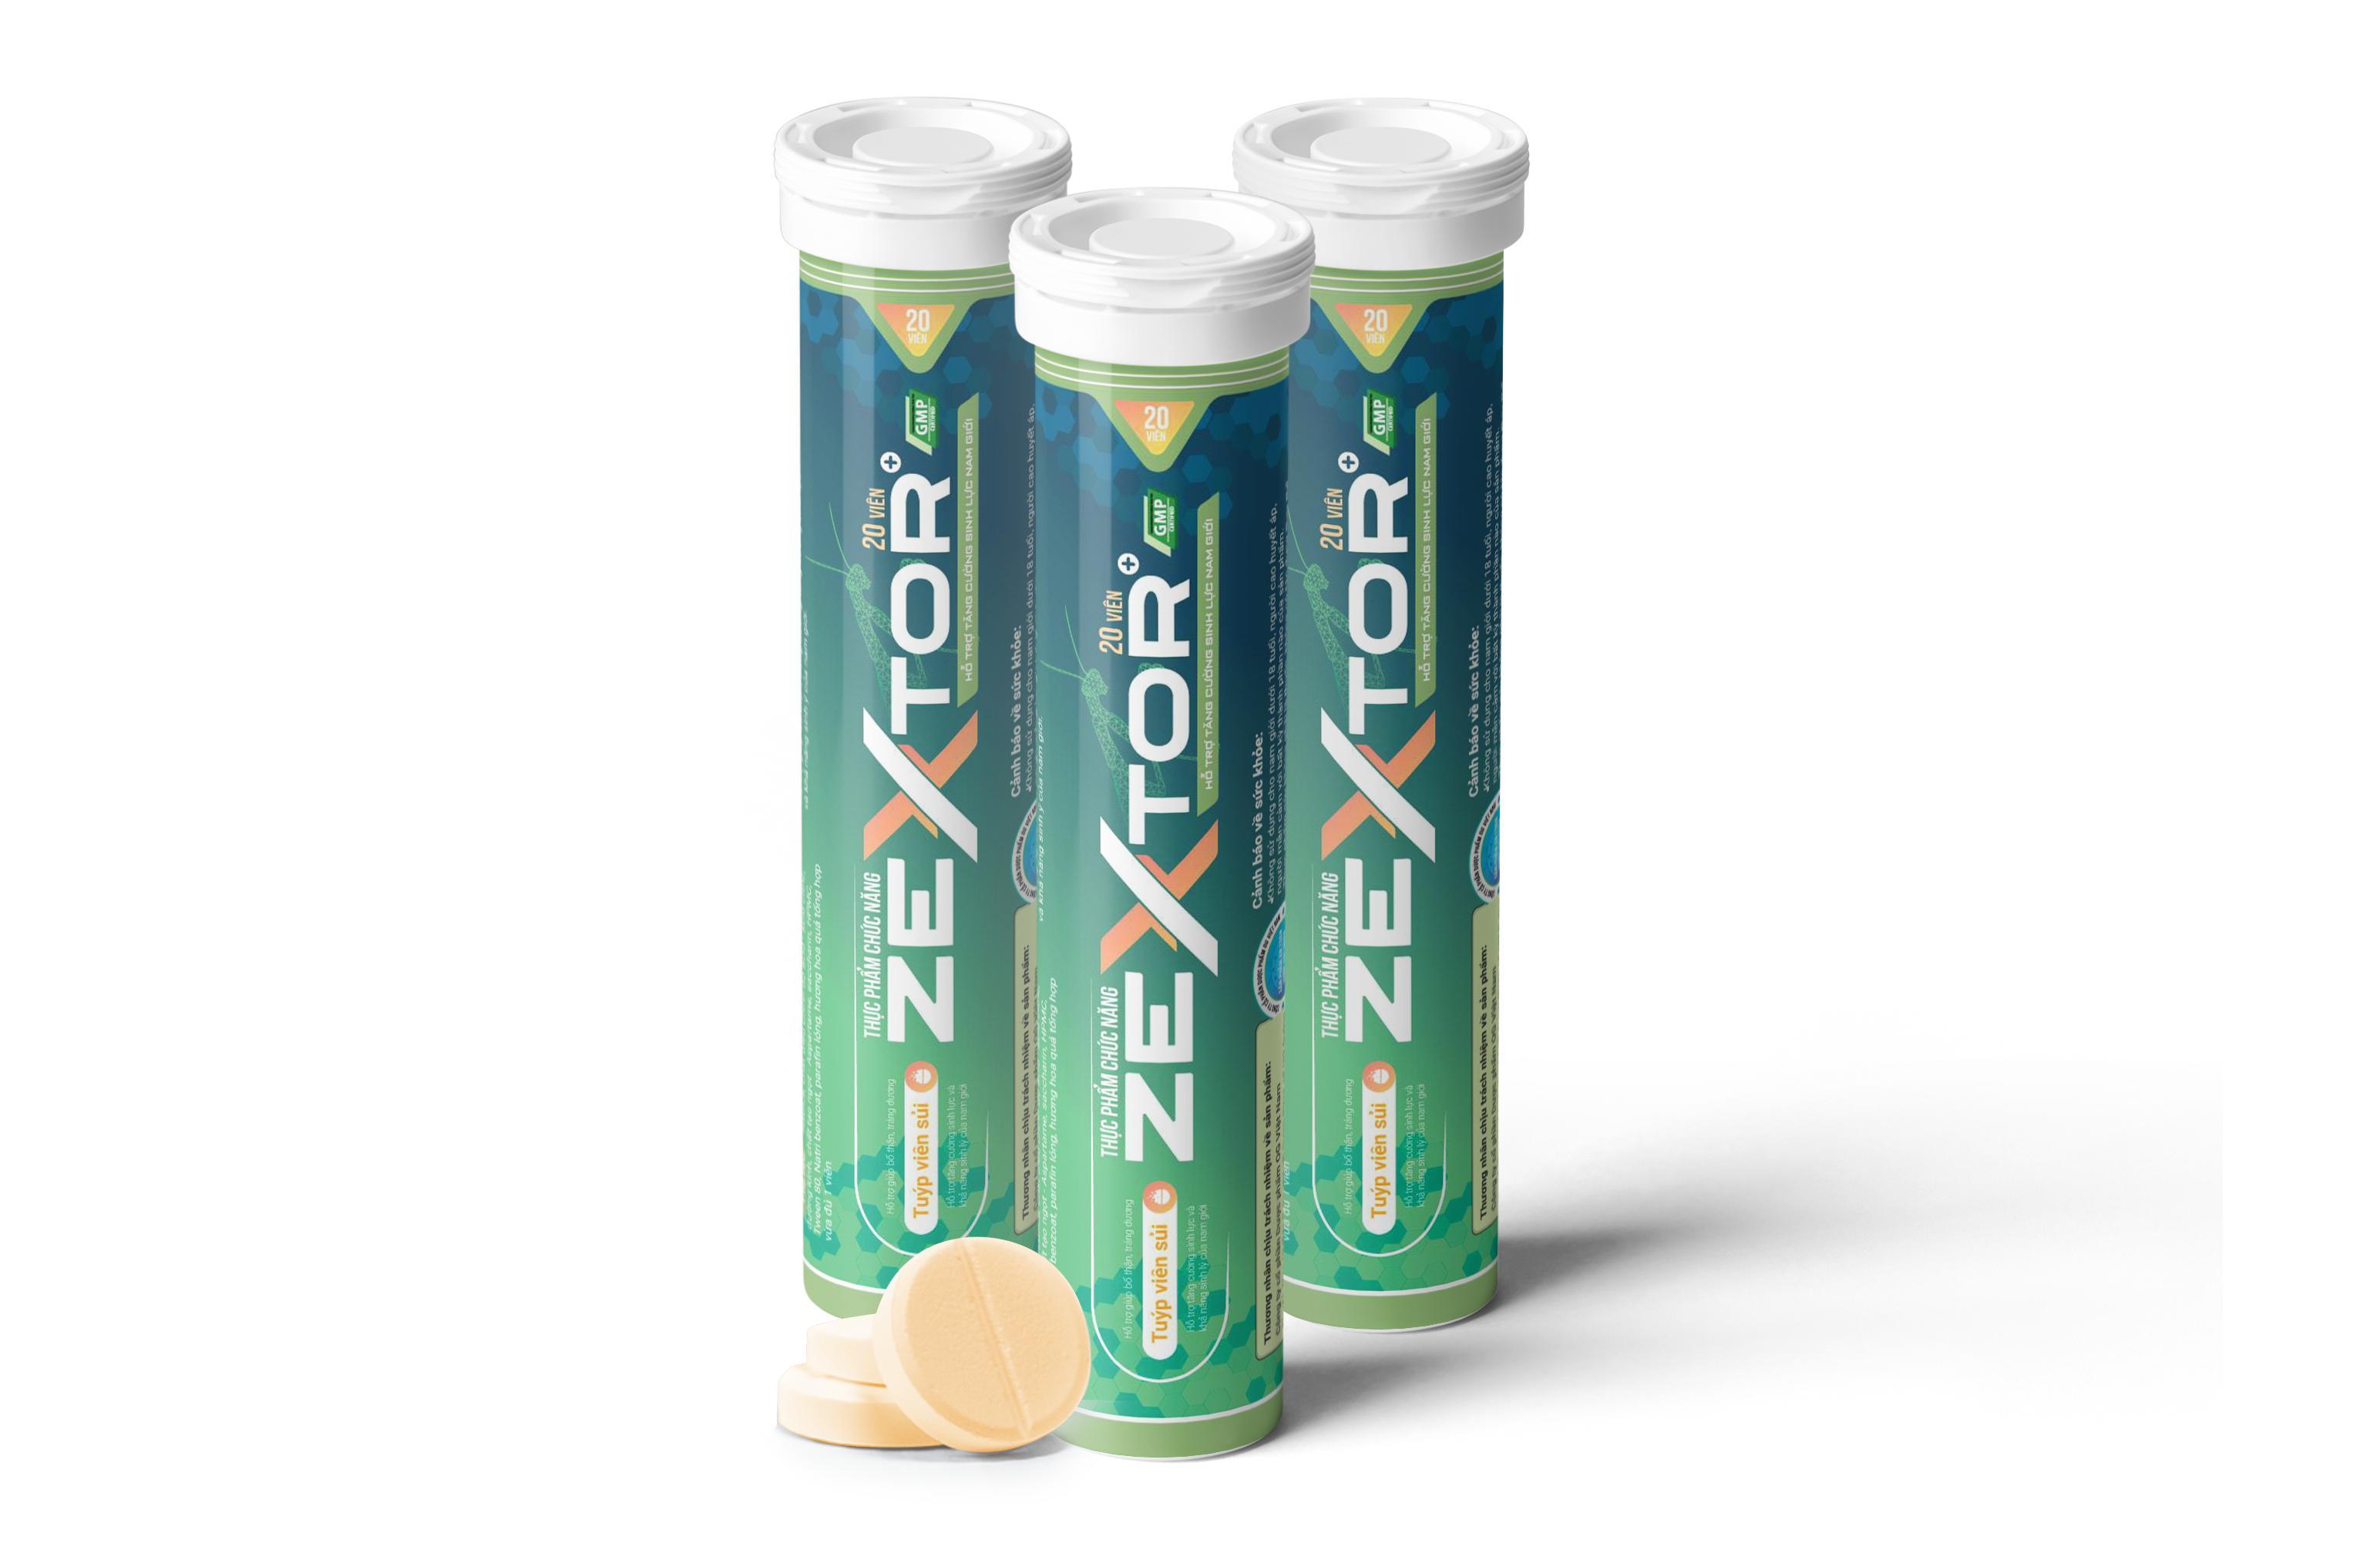 Thực phẩm bảo vệ sức khỏe Zextor Viên sủi hỗ trợ sinh lý Nam cao cấp